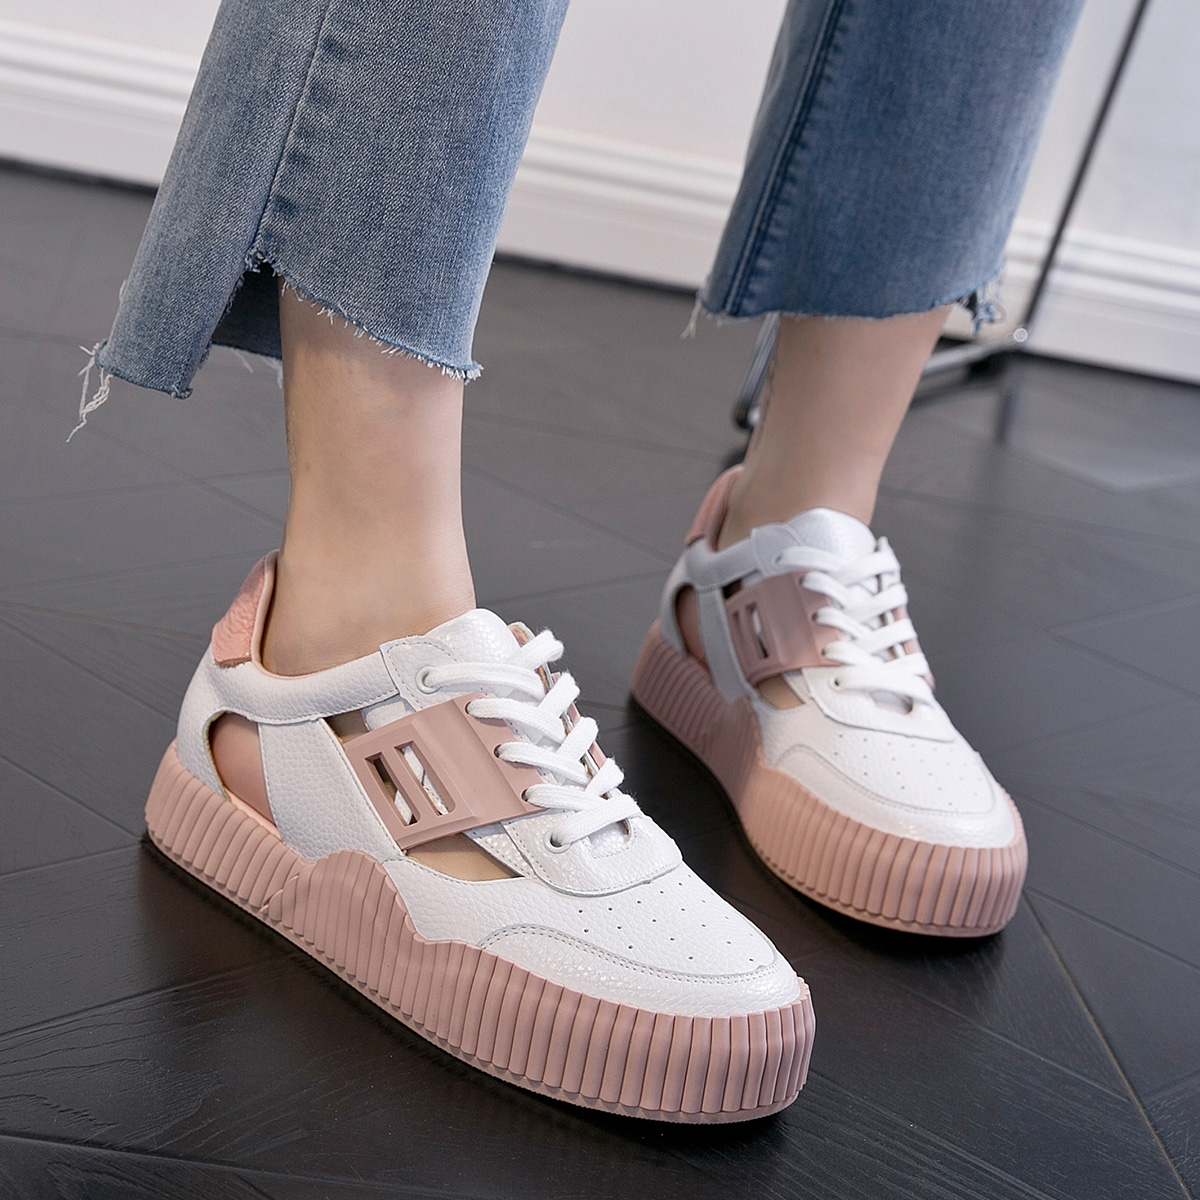 粉红色厚底鞋 白色粉红色拼色休闲鞋厚底鞋镜面拼接牛皮平跟真皮单鞋系带女鞋_推荐淘宝好看的粉红色厚底鞋